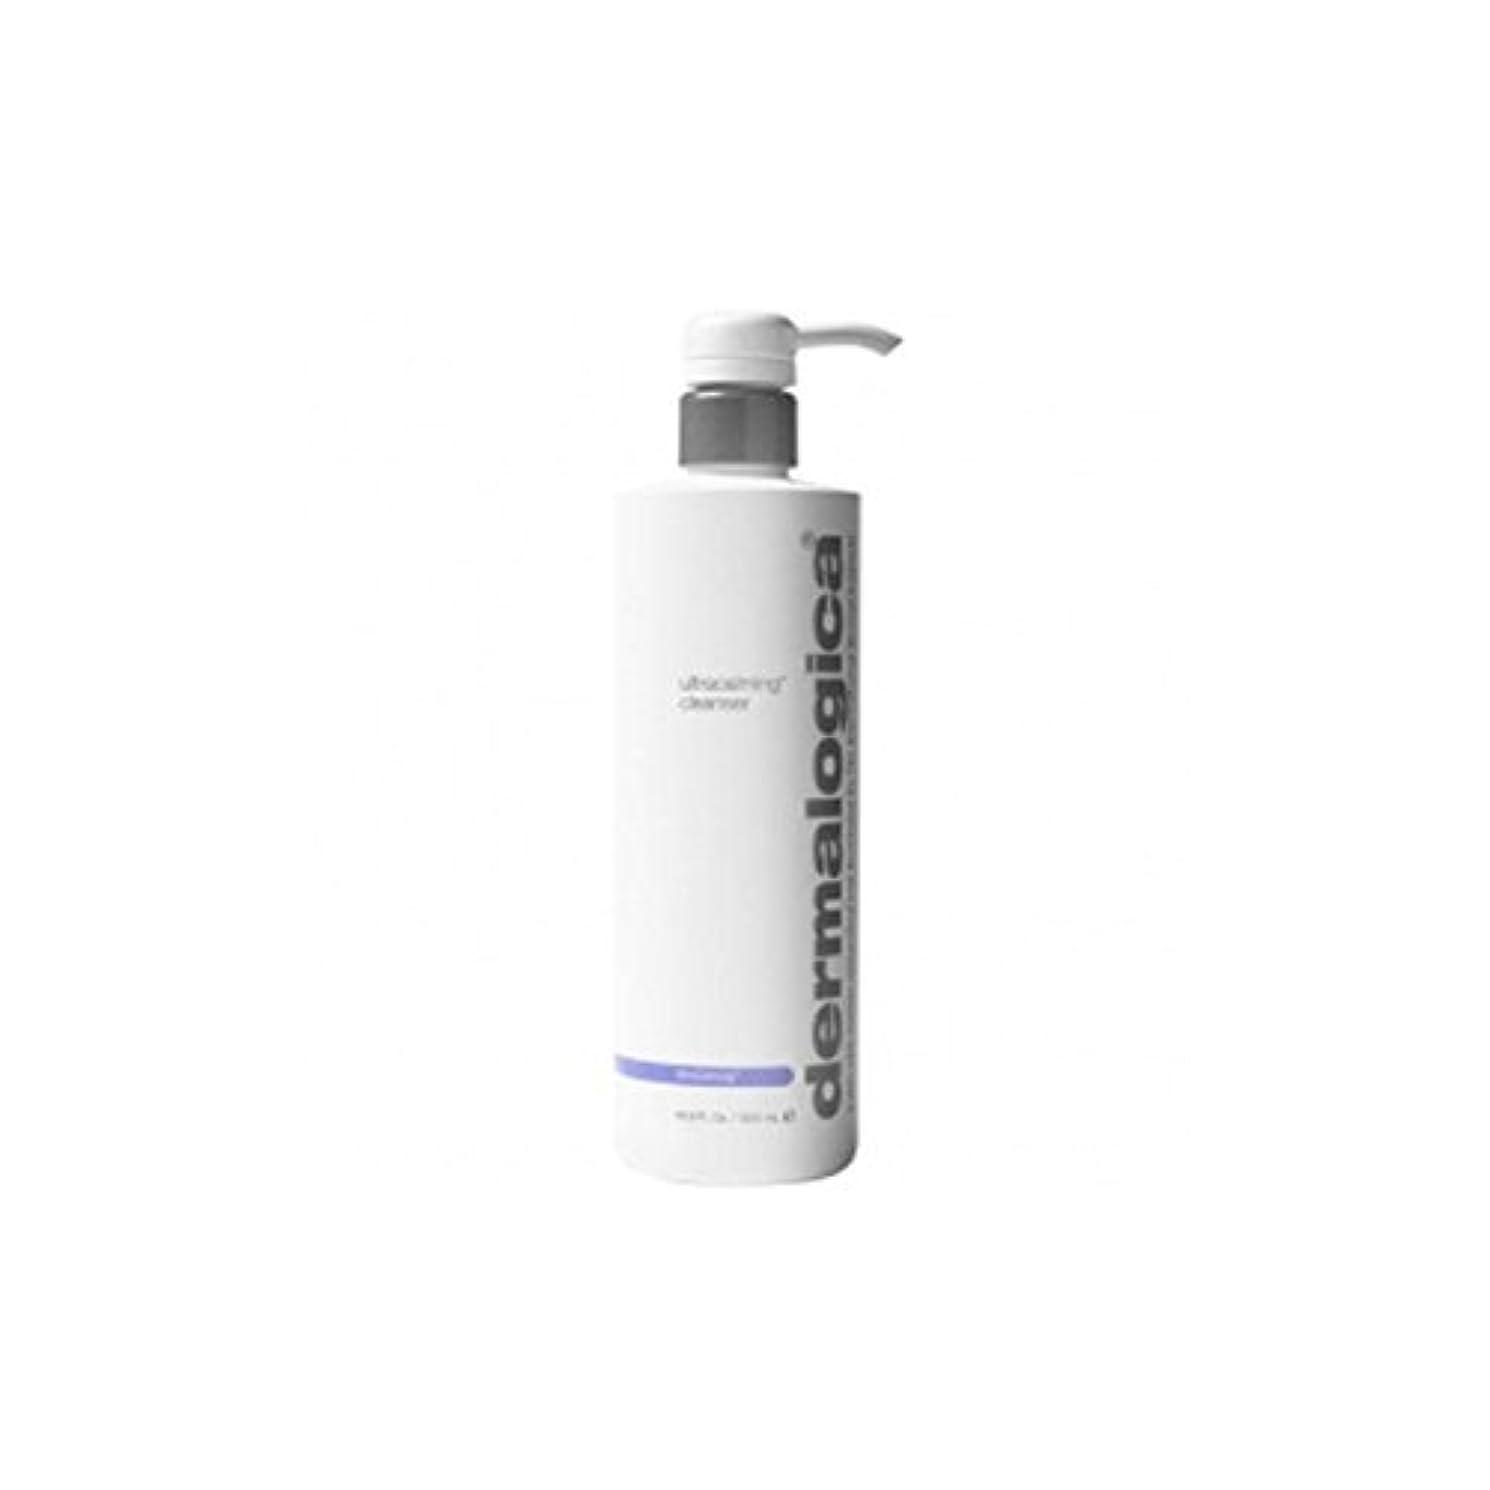 ドキドキ創傷反逆ダーマロジカクレンザー(500ミリリットル) x2 - Dermalogica Ultracalming Cleanser (500ml) (Pack of 2) [並行輸入品]